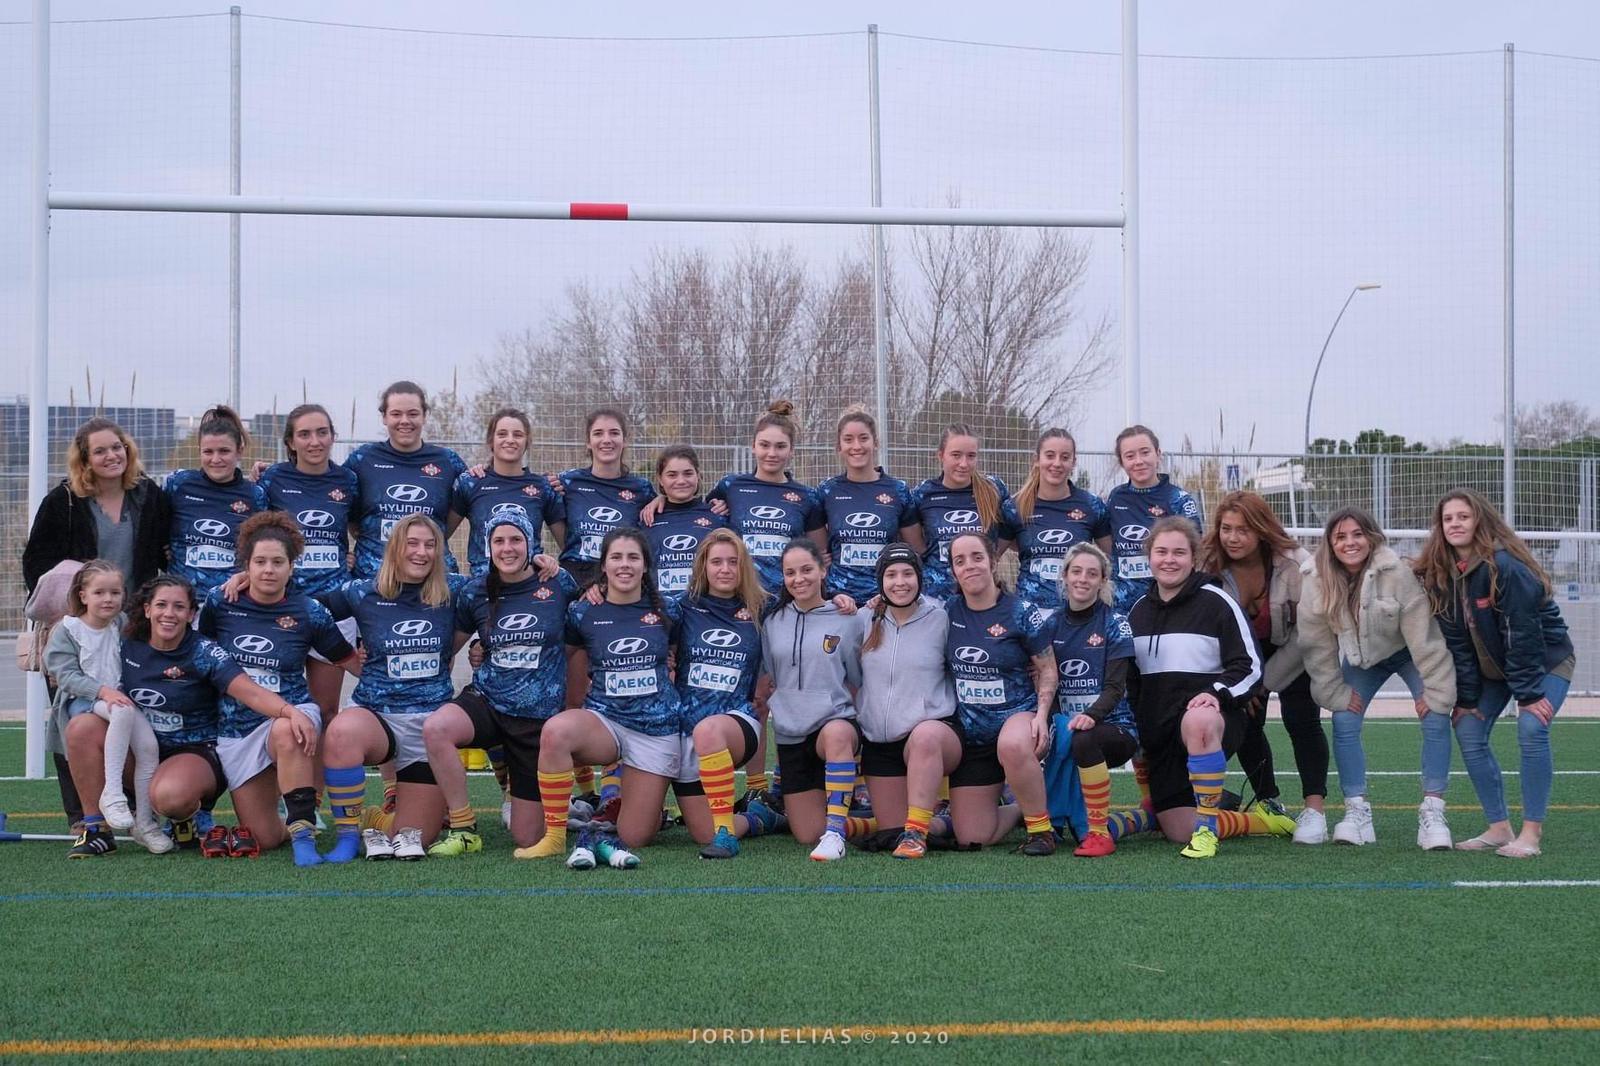 equipo senior femenino castelldefels RUC - UE santboiana